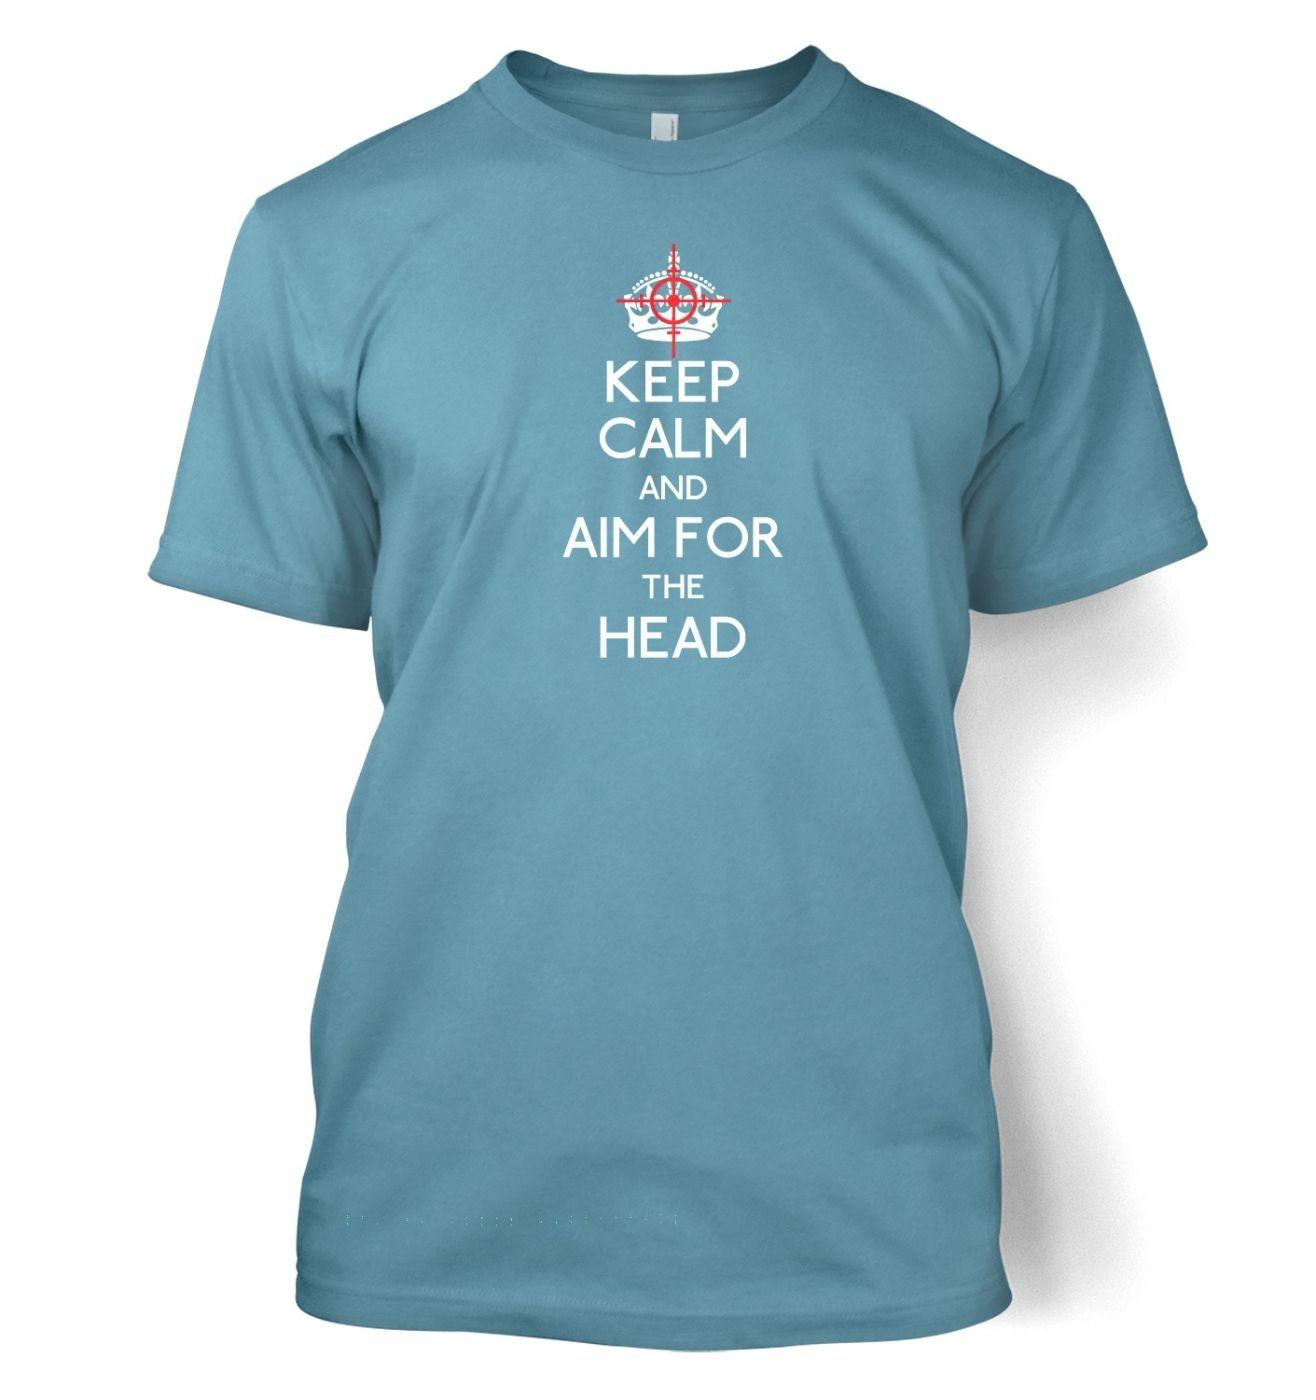 Keep Calm And Aim For The Head men's tshirt